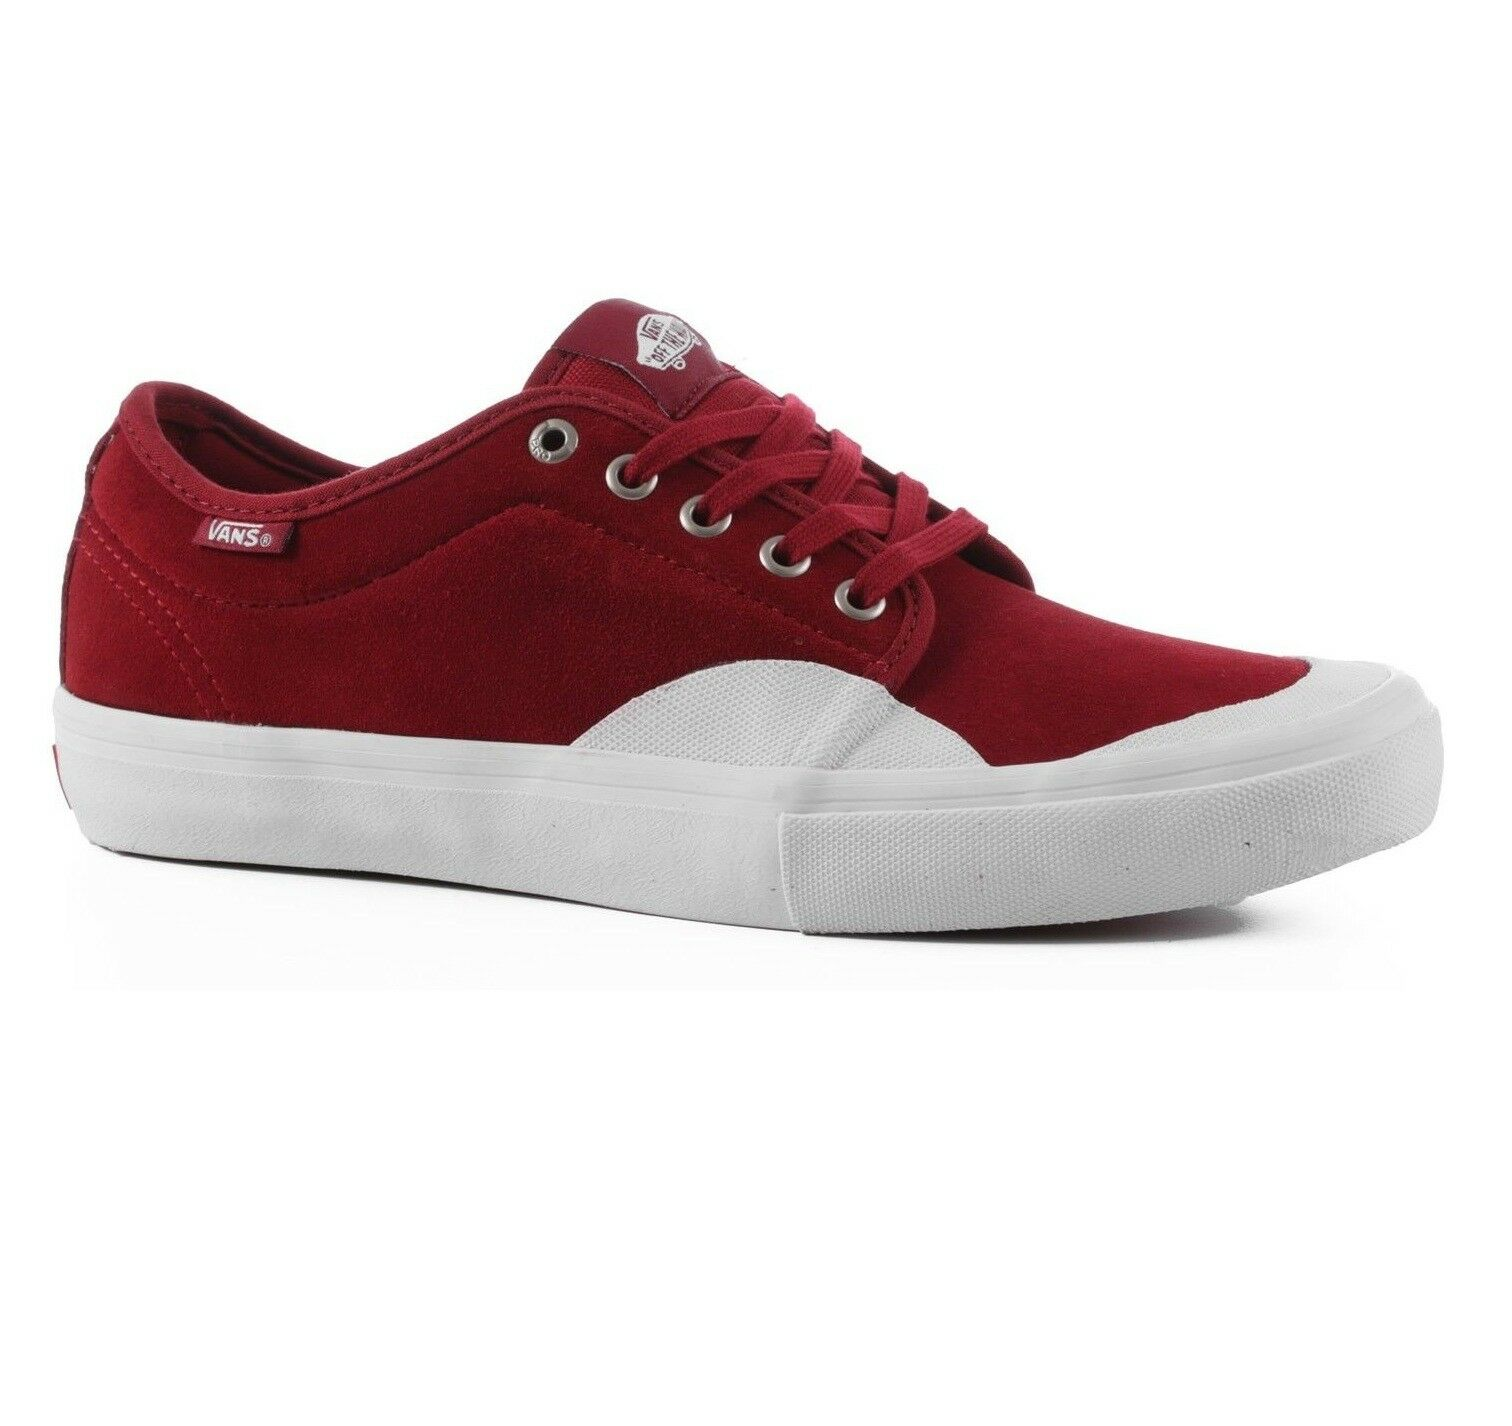 Furgoni ohukka basso pro (gomma) red white dahlia white red pattinare scarpe uomini donne 8 6 b4278b